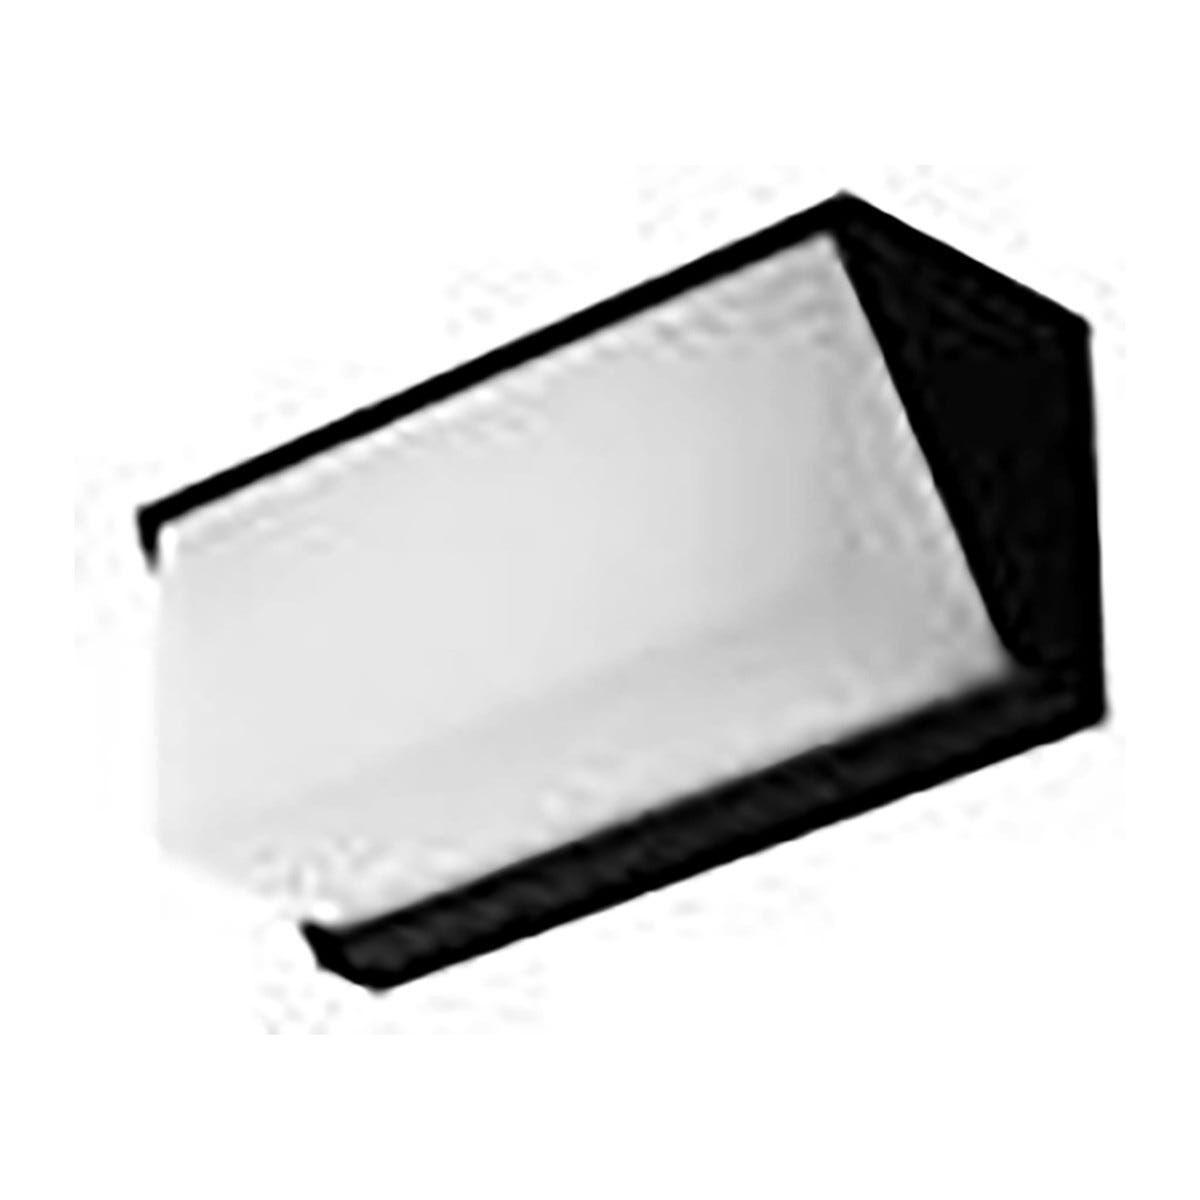 Applique Luxon Led12w 750lm4000k Allumin Antracite Diffusore Pc Ip54 110x250x95mm